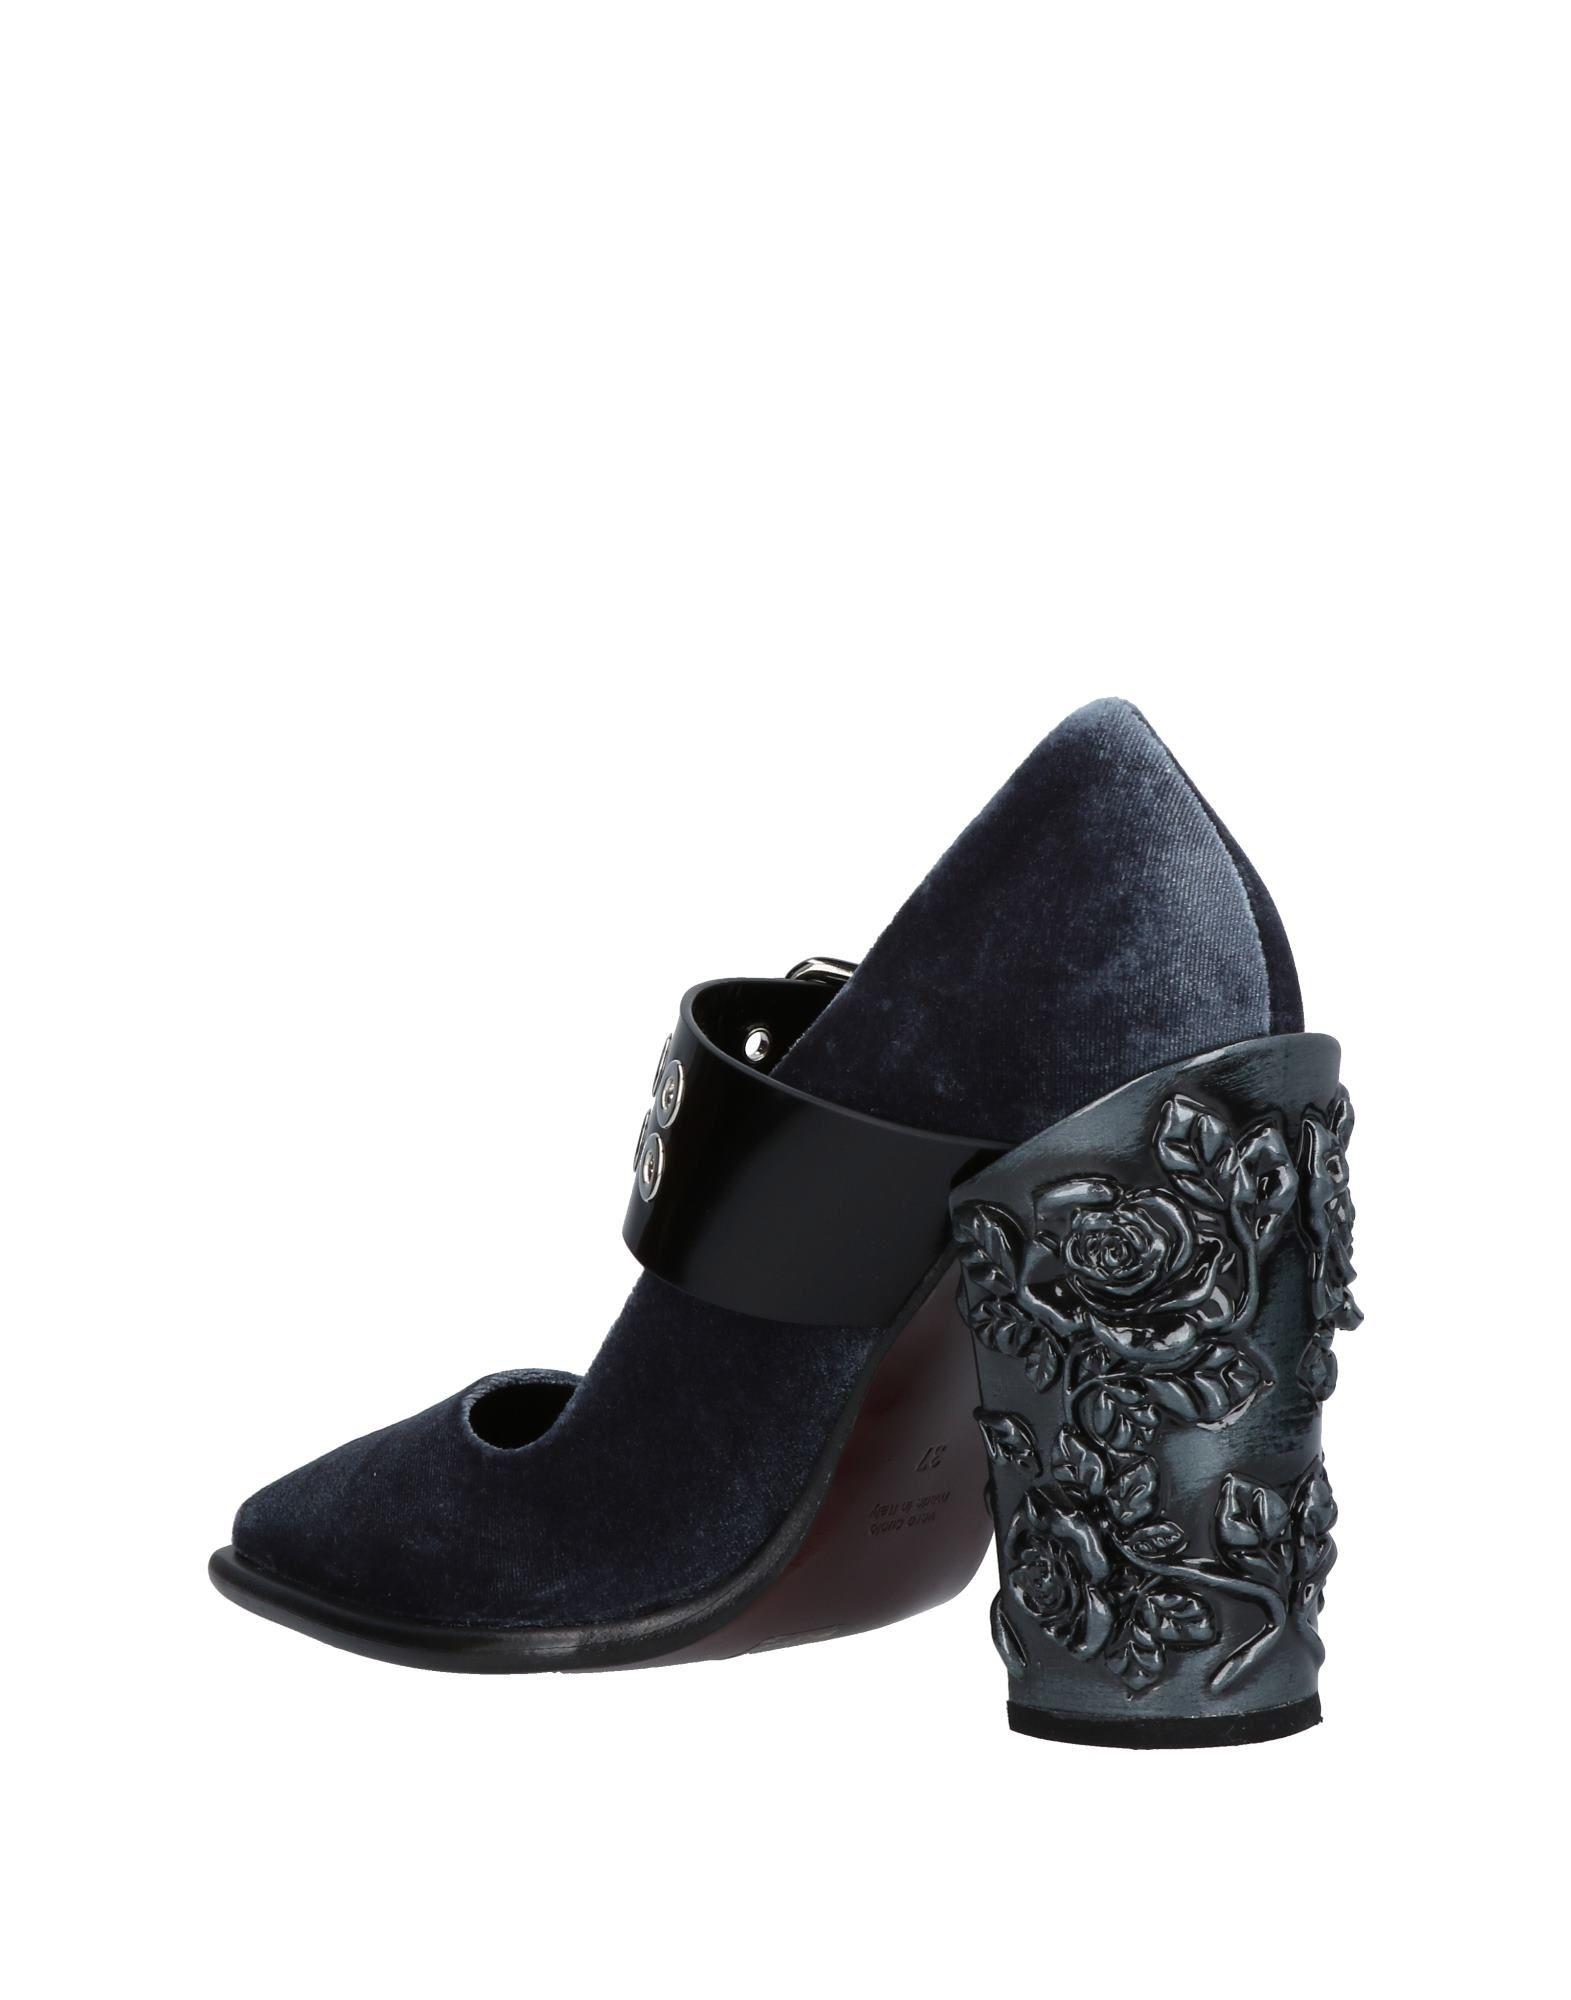 Antonio Marras 11465747DLGünstige Pumps Damen  11465747DLGünstige Marras gut aussehende Schuhe 10e9a6